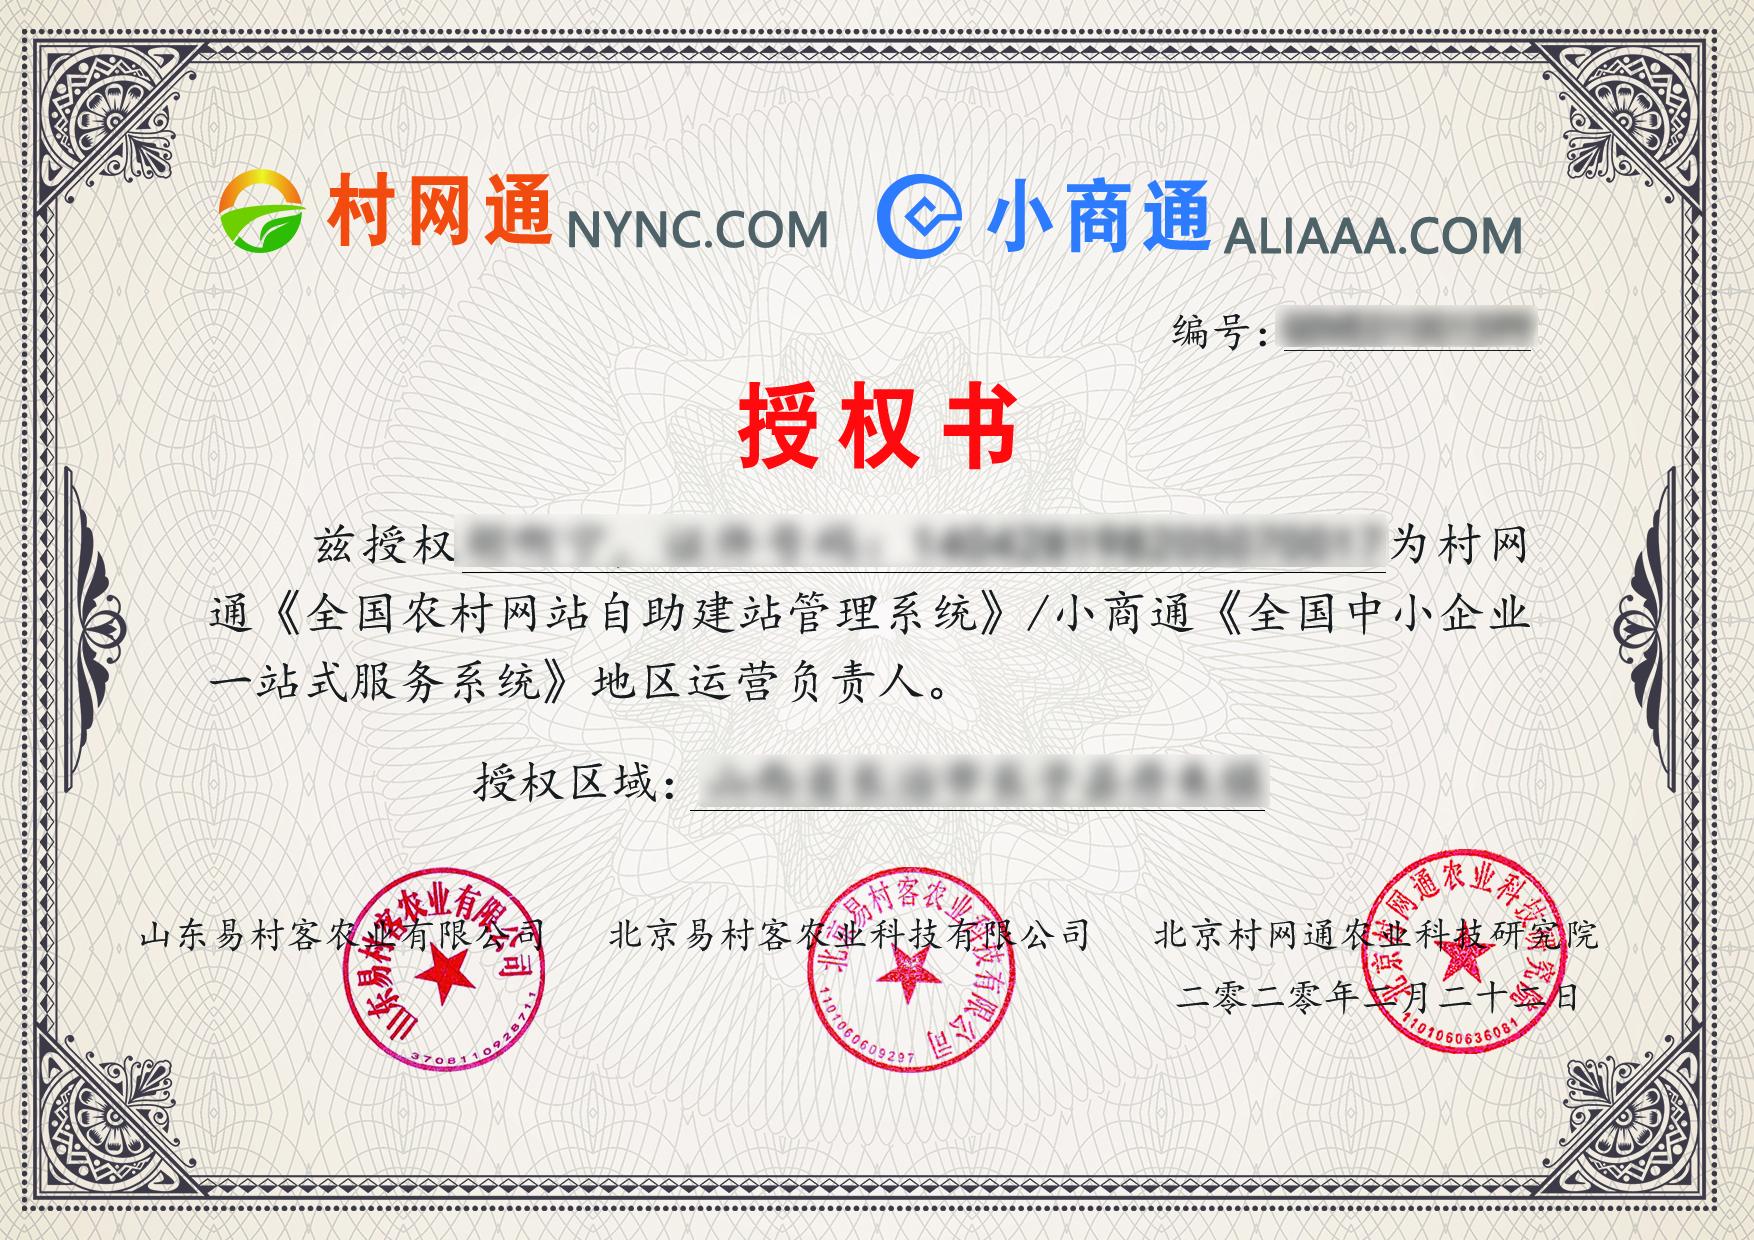 村网通授权证书样本示例